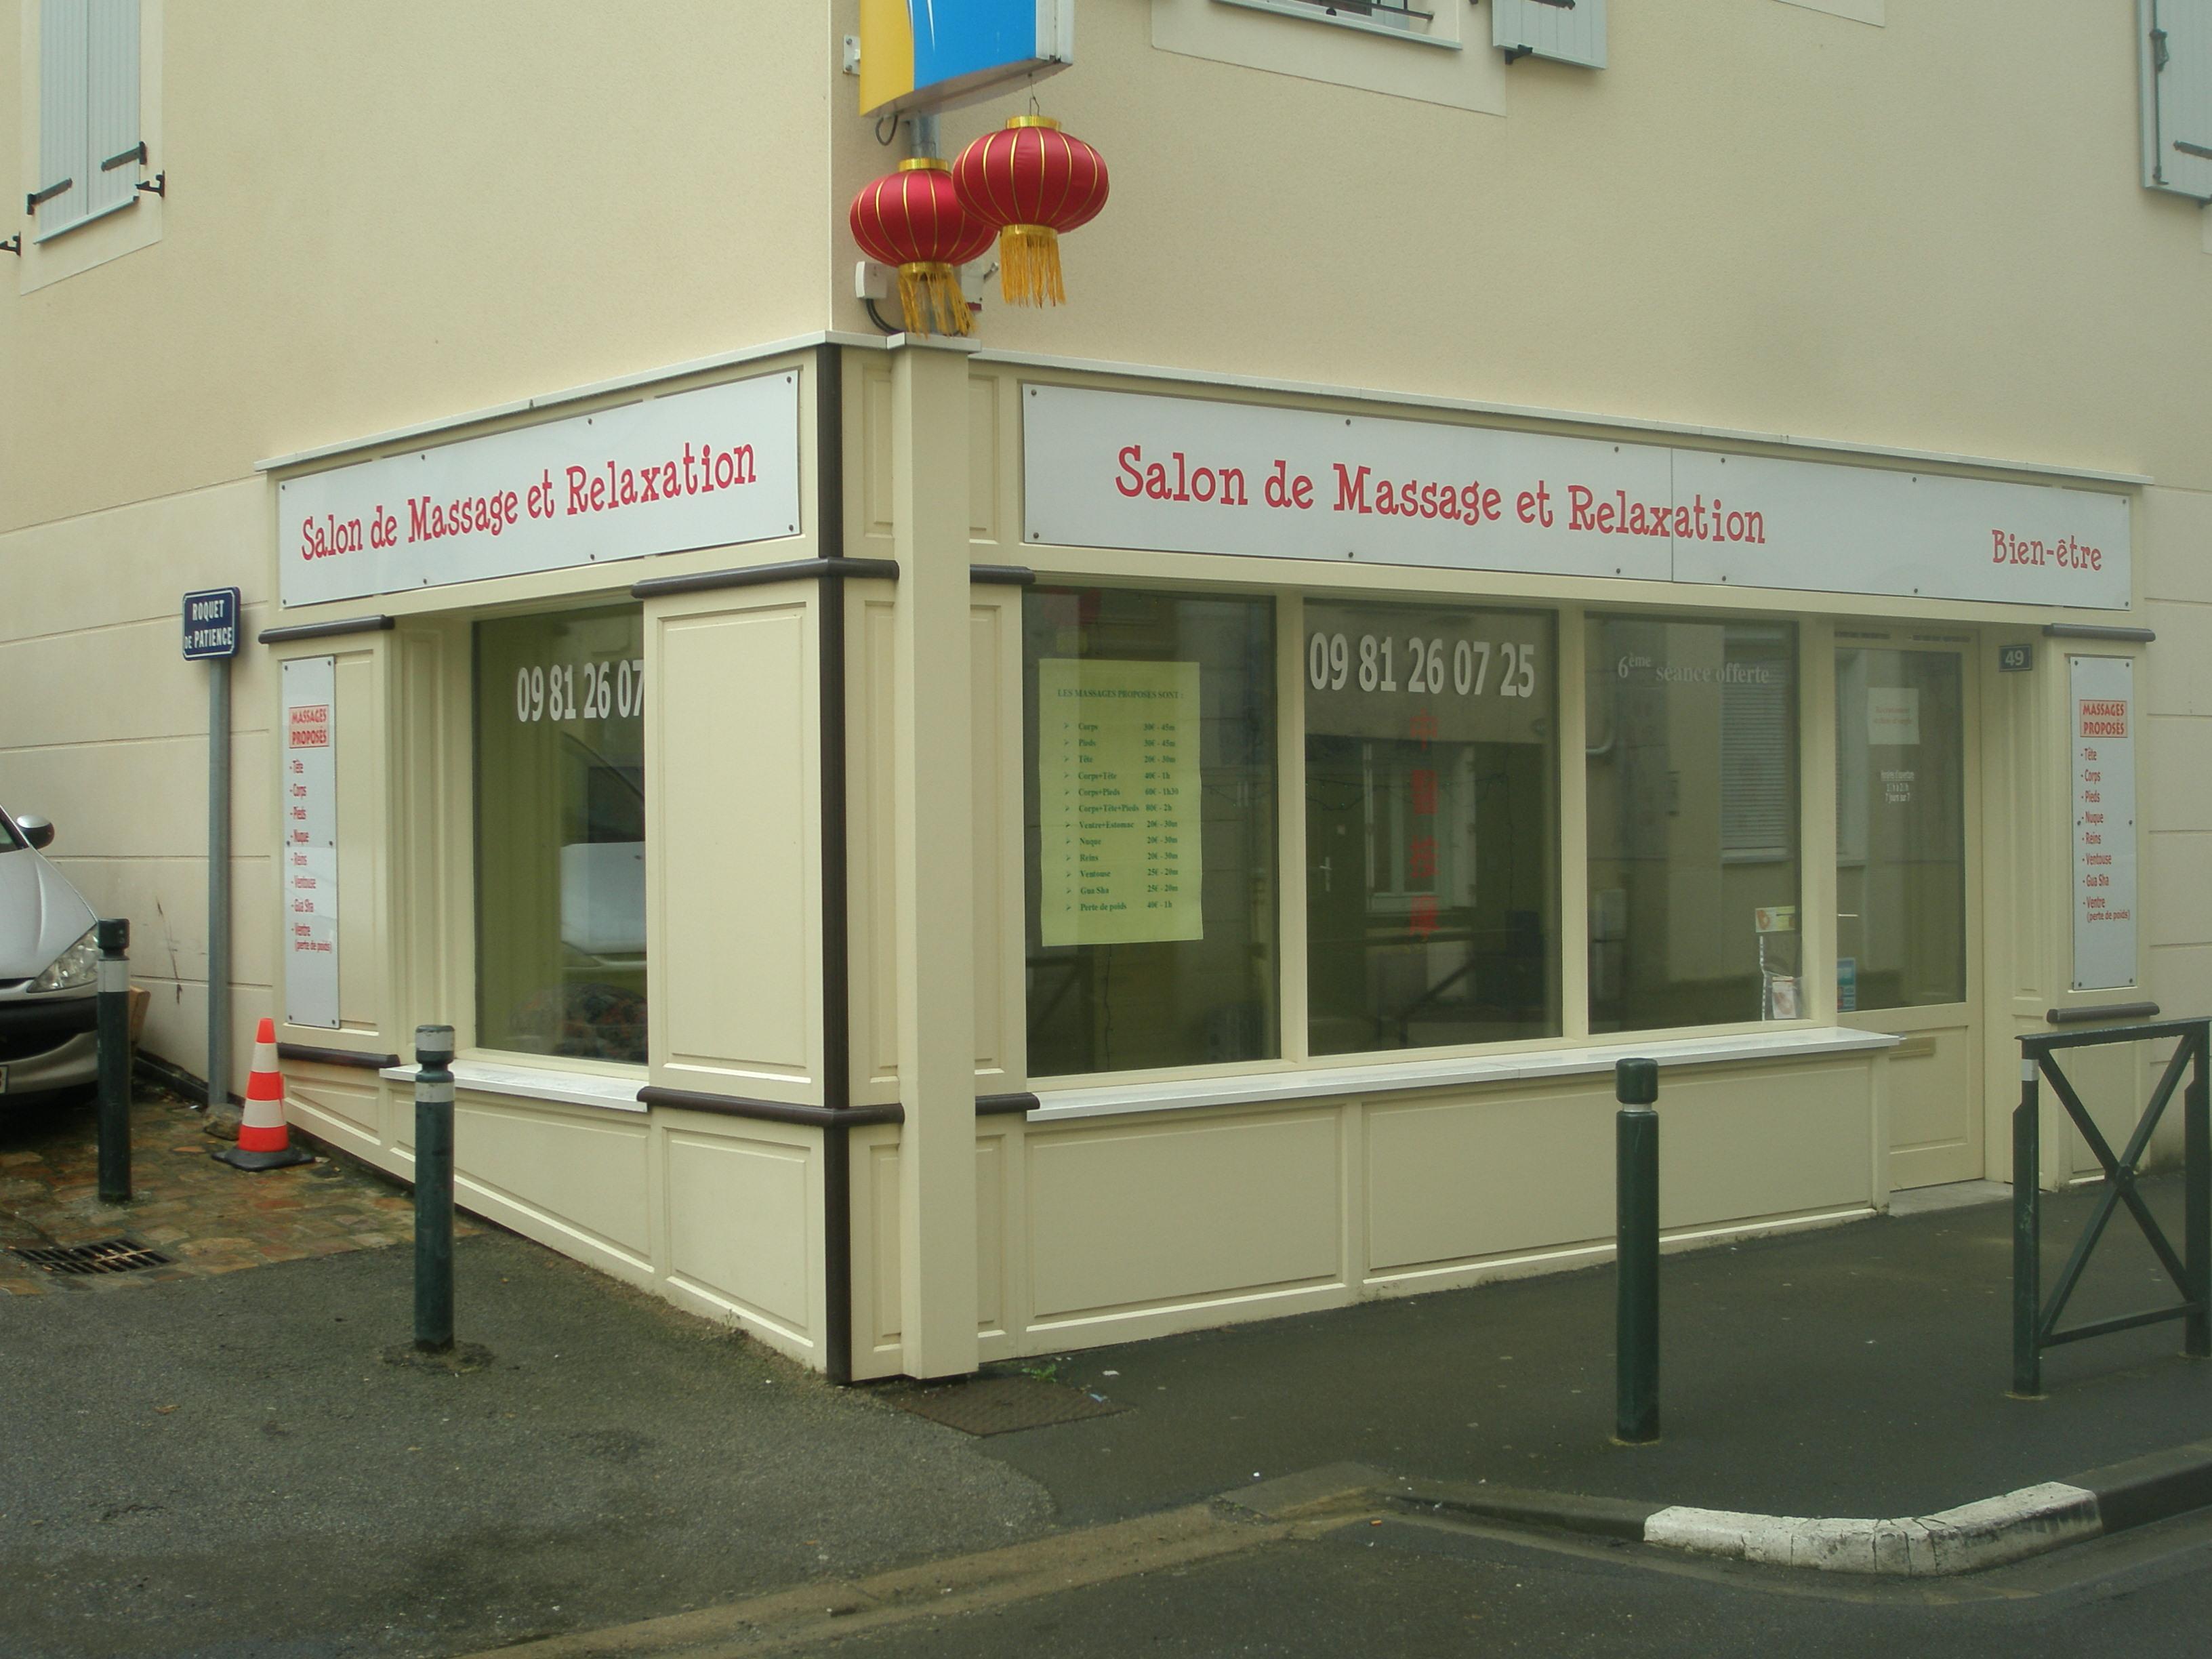 Salon de massage et relaxation chinois bordeaux culture - Salon de massage a colmar ...